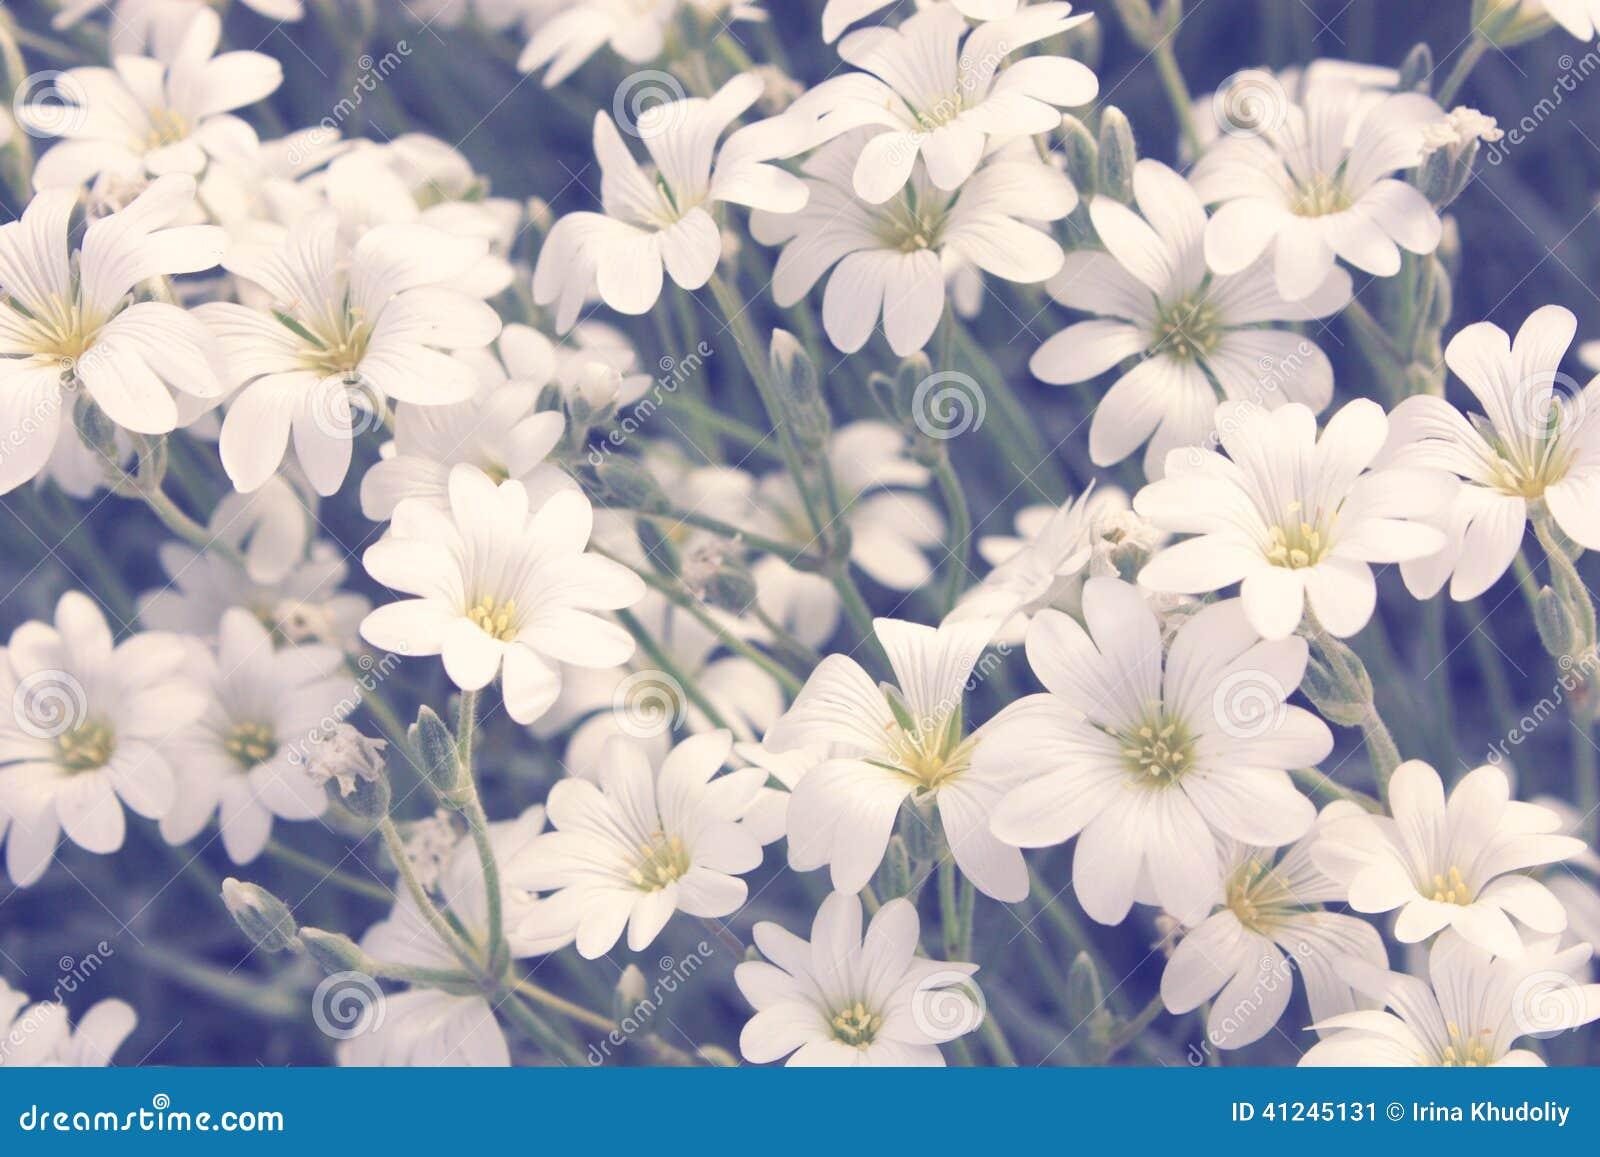 Piccoli Fiori Bianchi Fotografia Stock - Immagine: 41245131